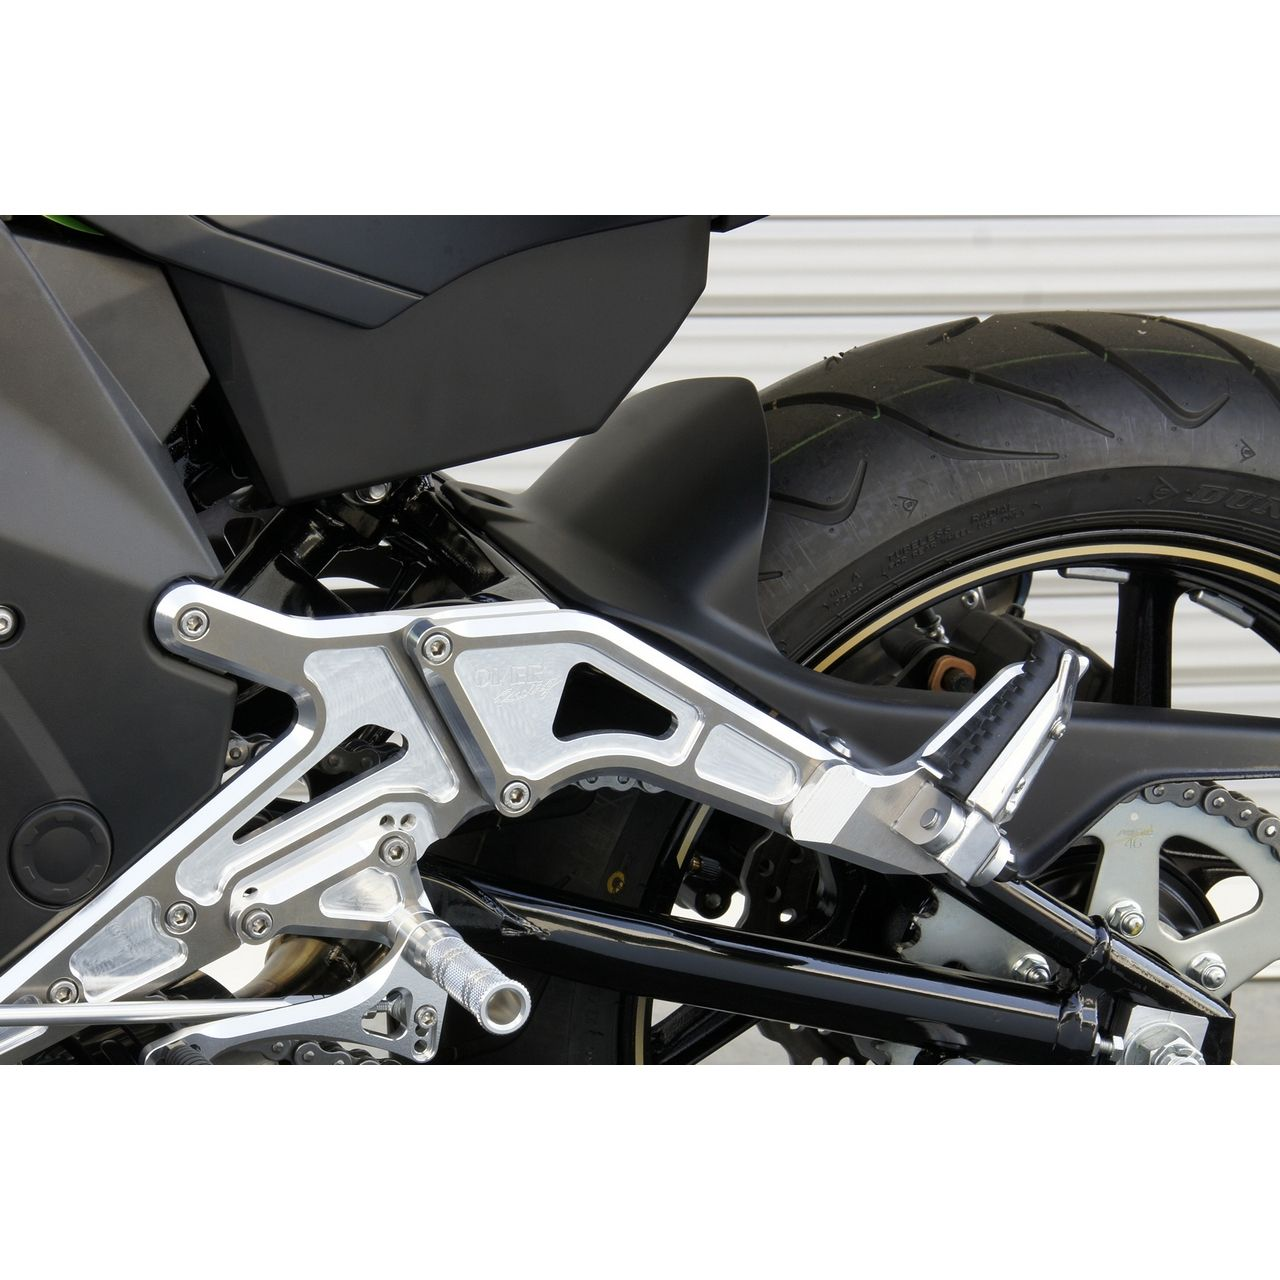 【OVER】後腳踏套件 - 「Webike-摩托百貨」